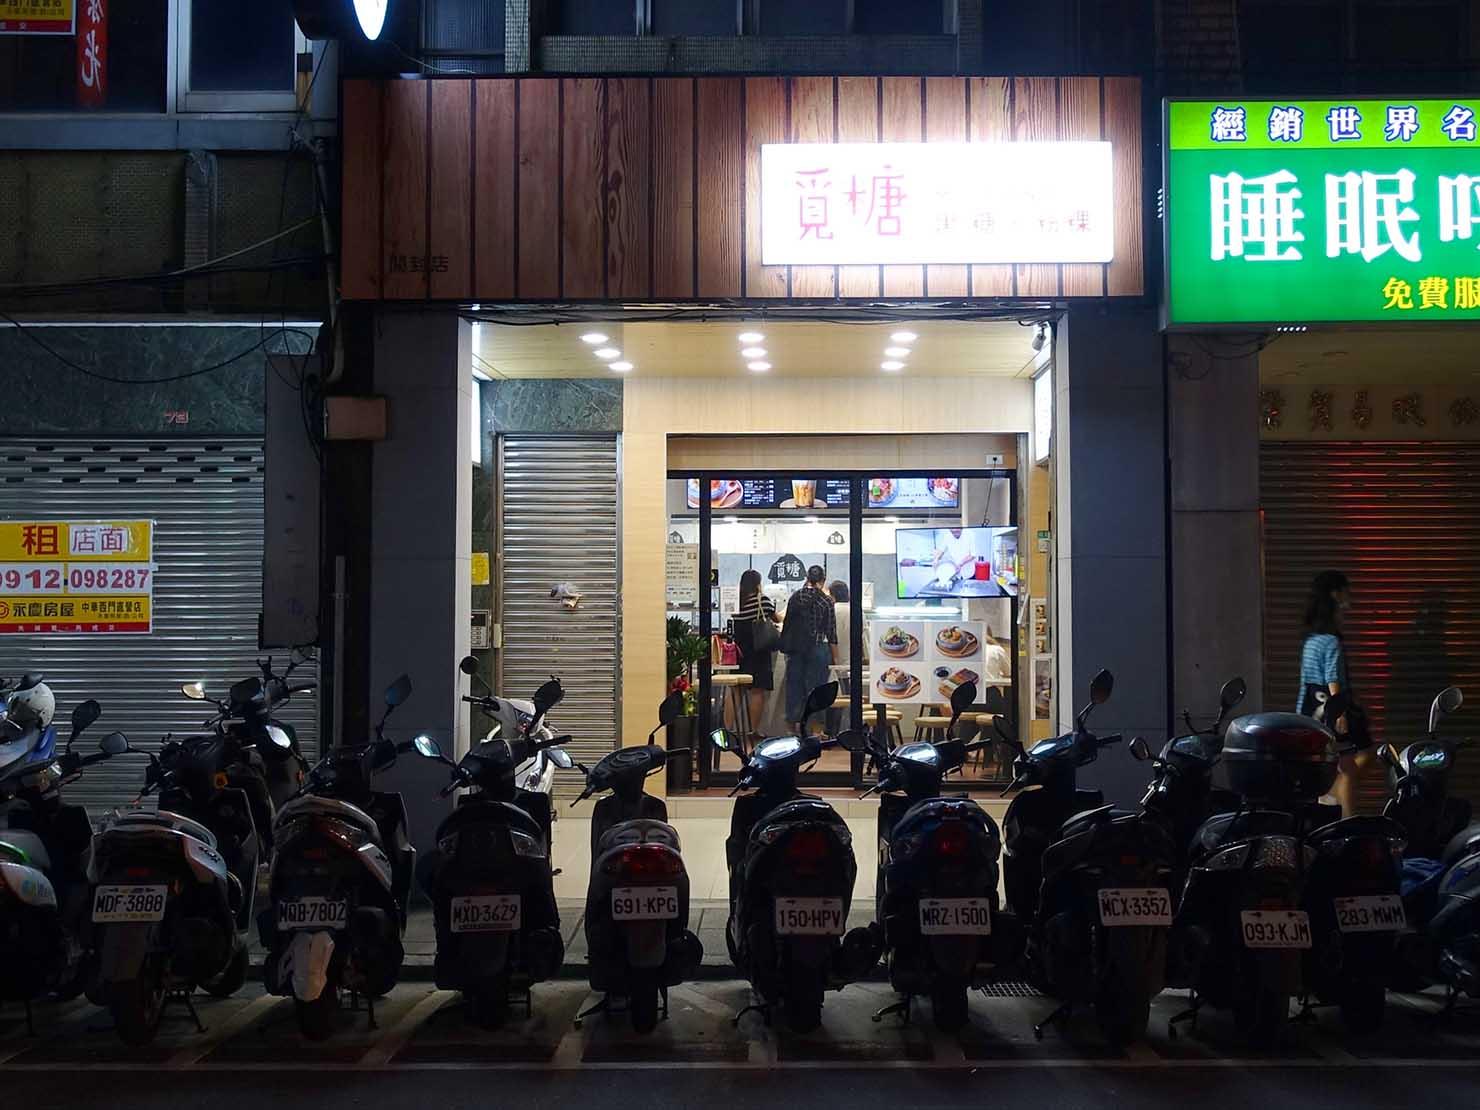 台北駅前エリア(前站)のおすすめスイーツ店「覓糖」の外観